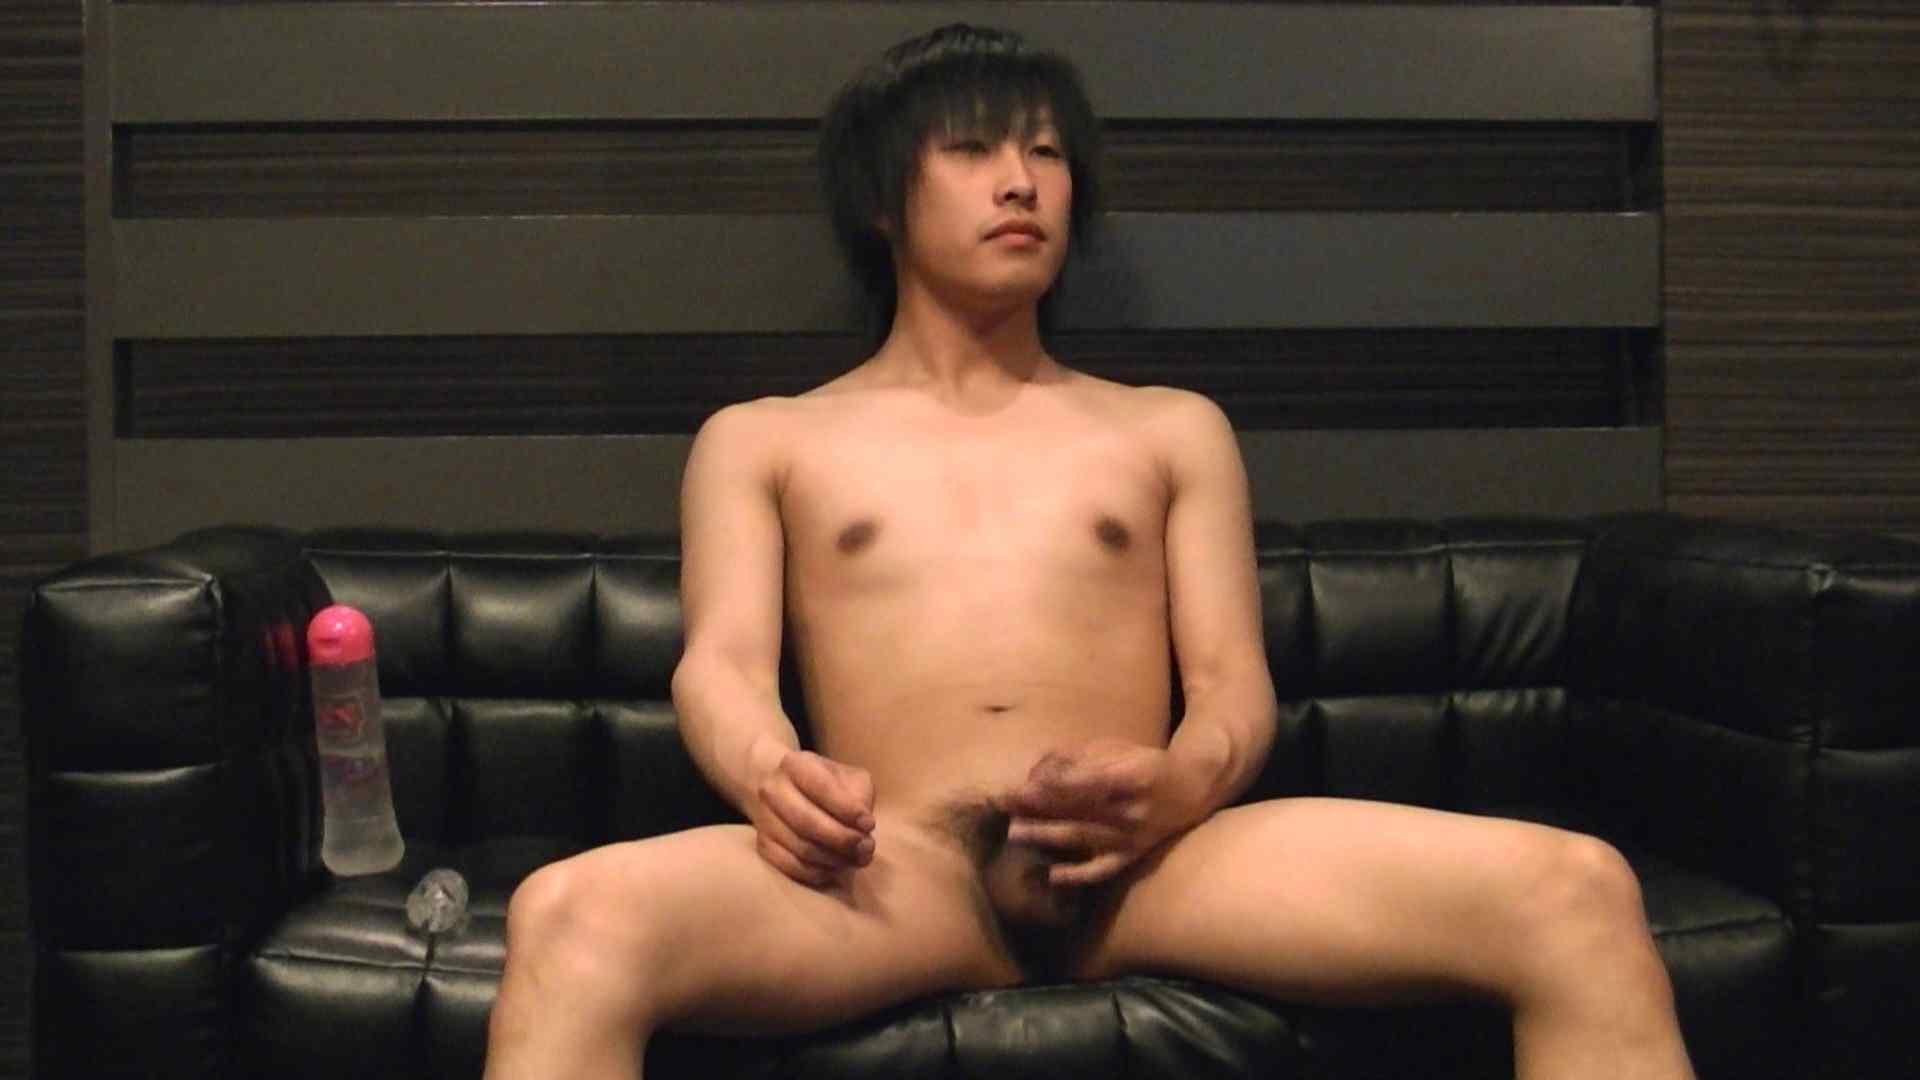 Mr.オナックスさん投稿!HD 貴方のオナニー三万円で撮影させてください。VOL.01 オナニー特集 | スジ筋系ボーイズ  101pic 41